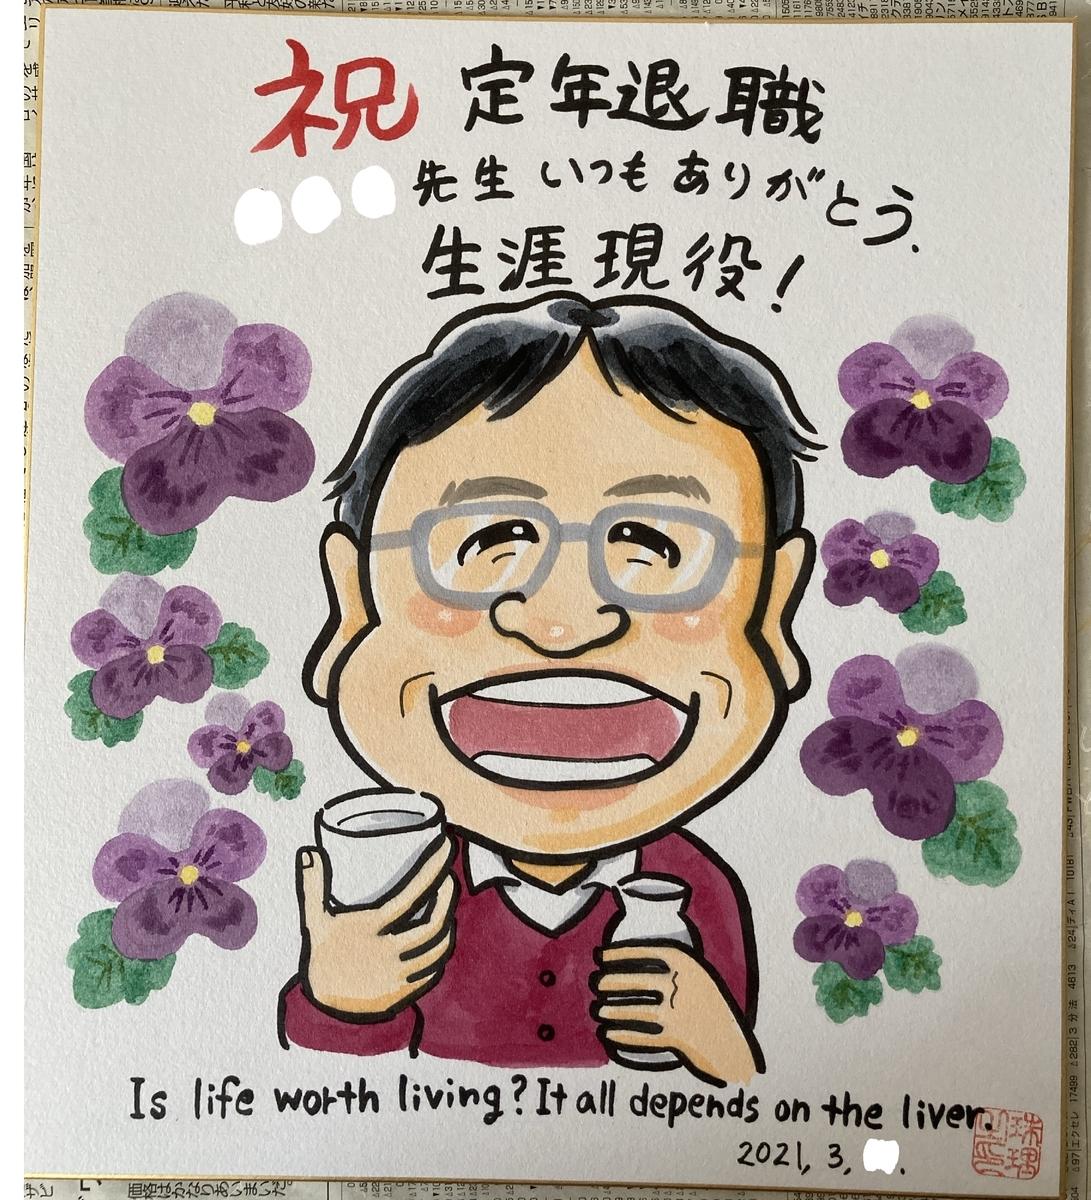 退職祝いの似顔絵ギフト 北海道札幌の似顔絵作家高井じゅり 似顔絵ファクトリー